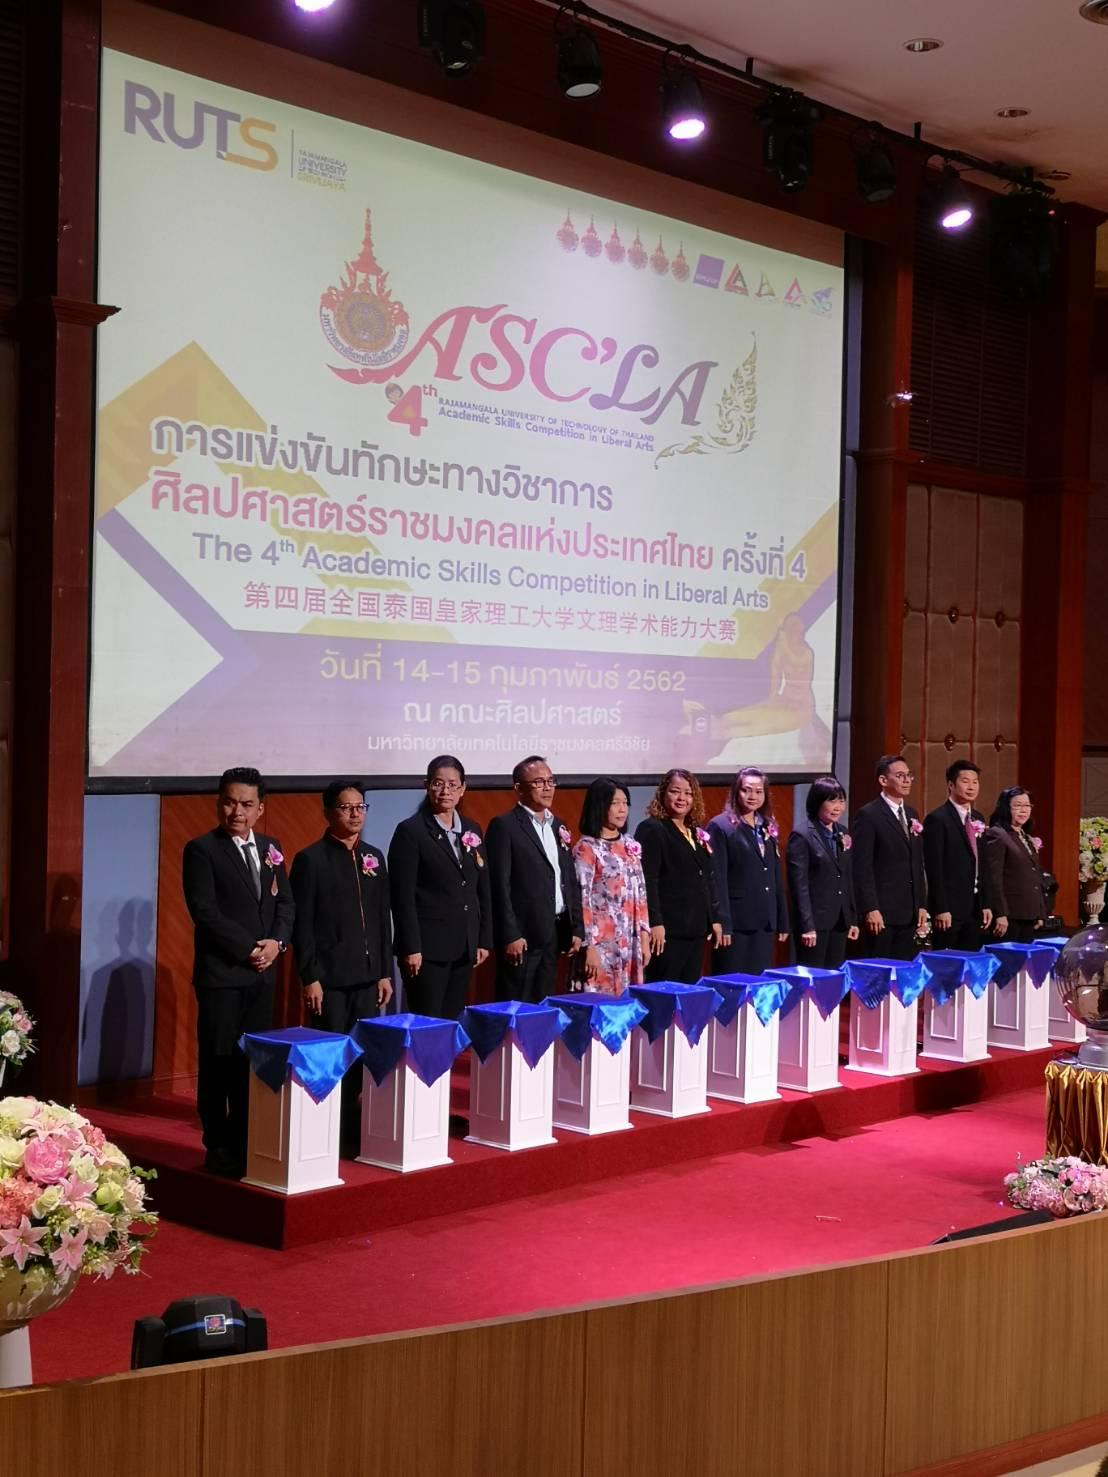 การแข่งขันทักษะทางวิชาการศิลปศาสตร์ราชมงคลแห่งประเทศไทย ครั้งที่ 4